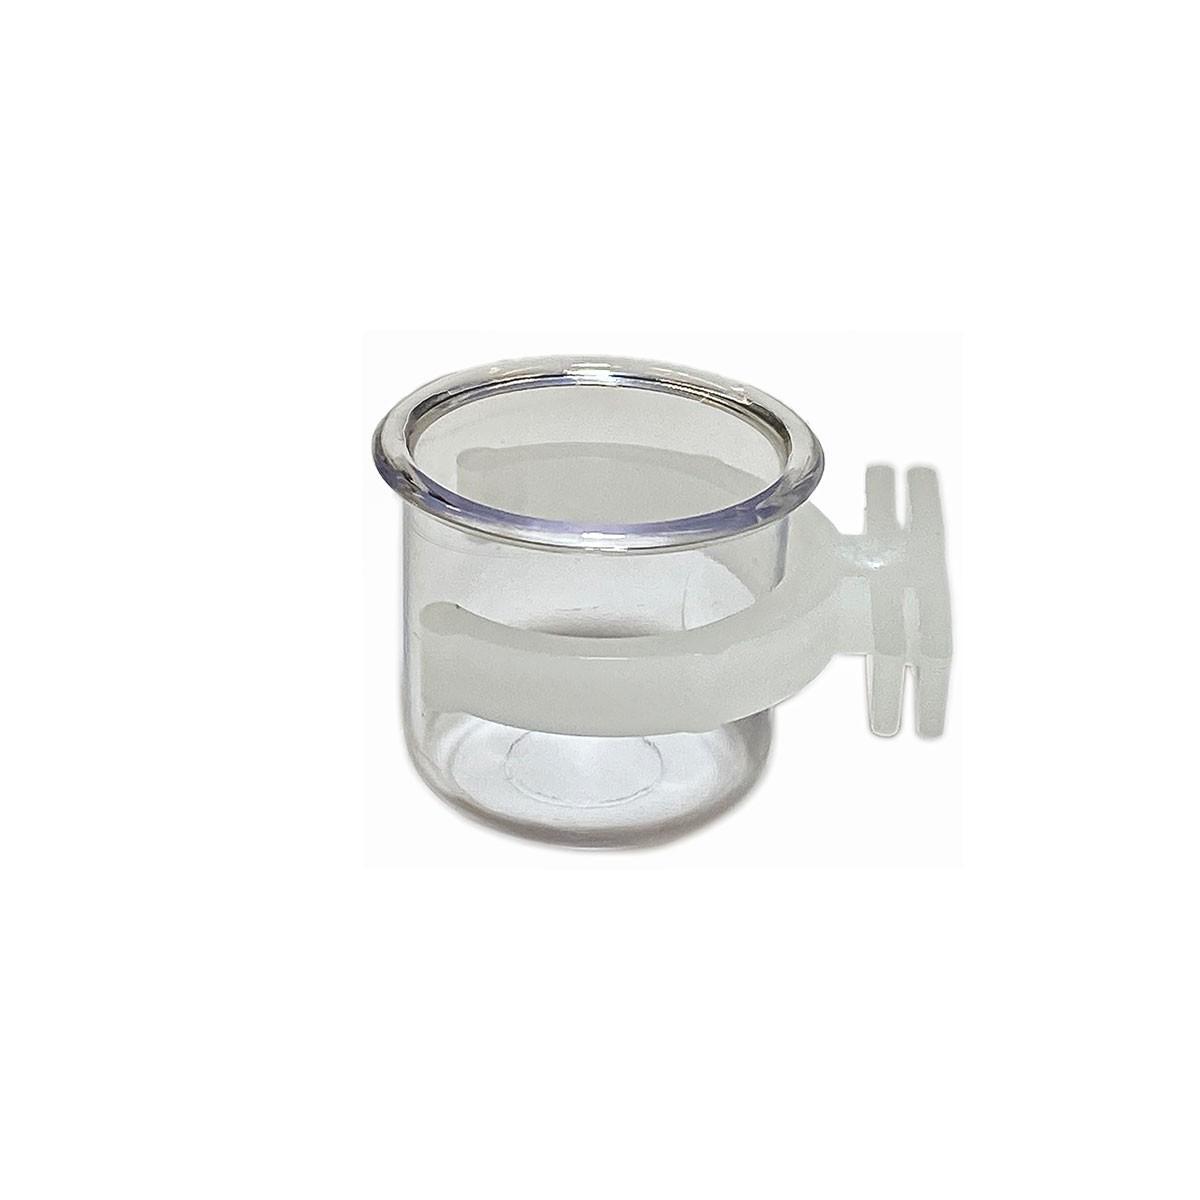 Porta Vitamina Cristal C/Presilha Medio Christino - pacote com 12 unidades